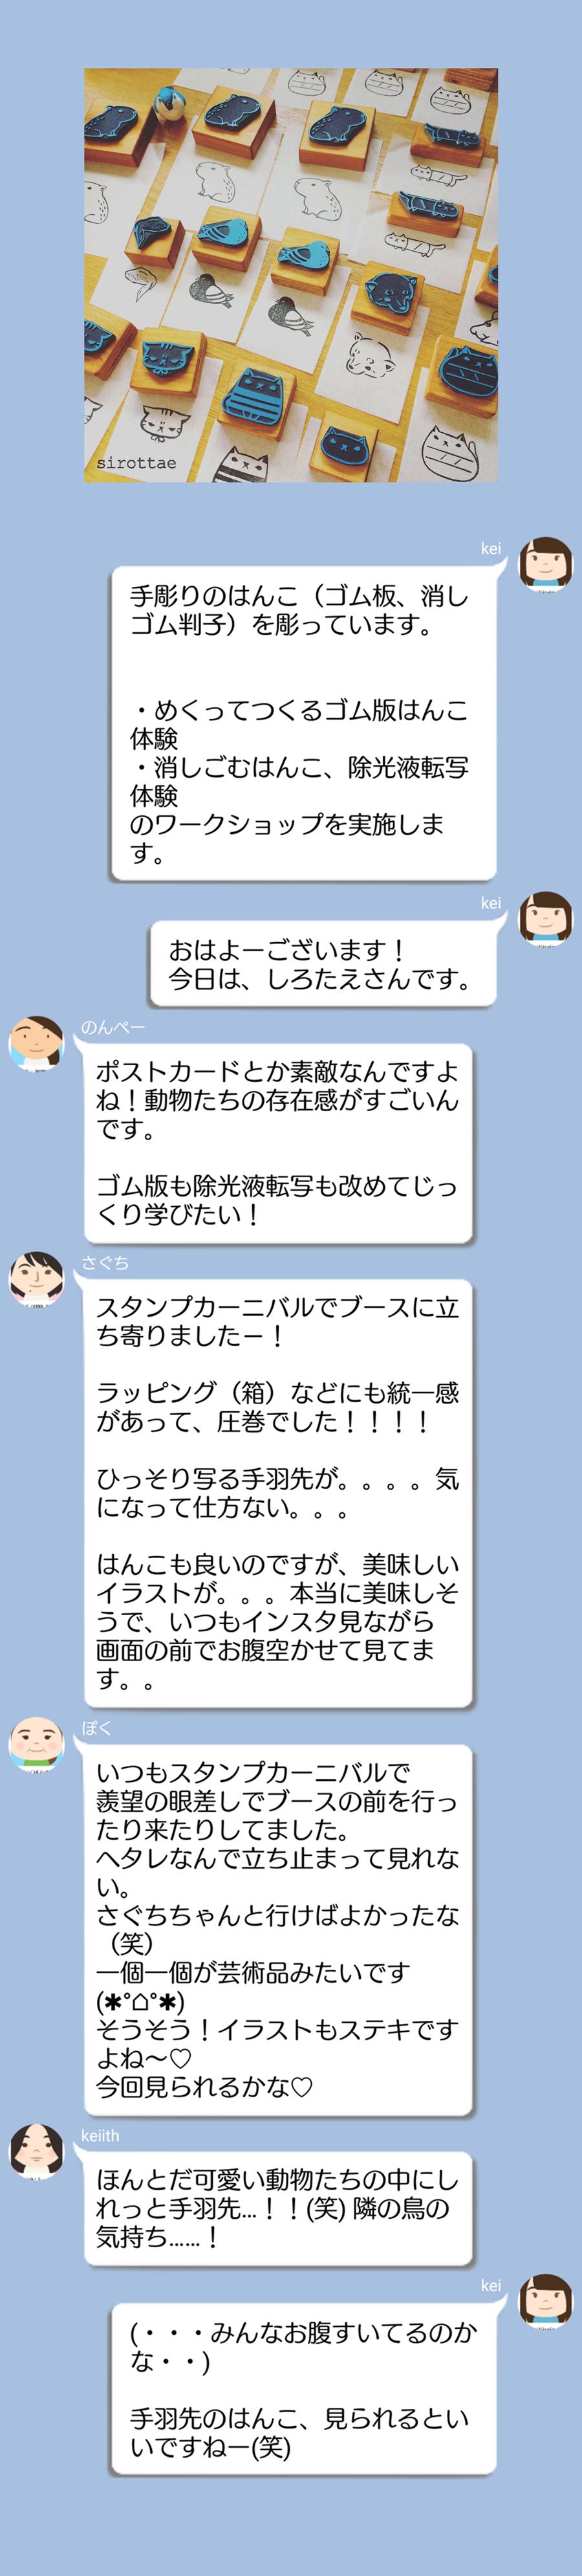 16shirotae.png